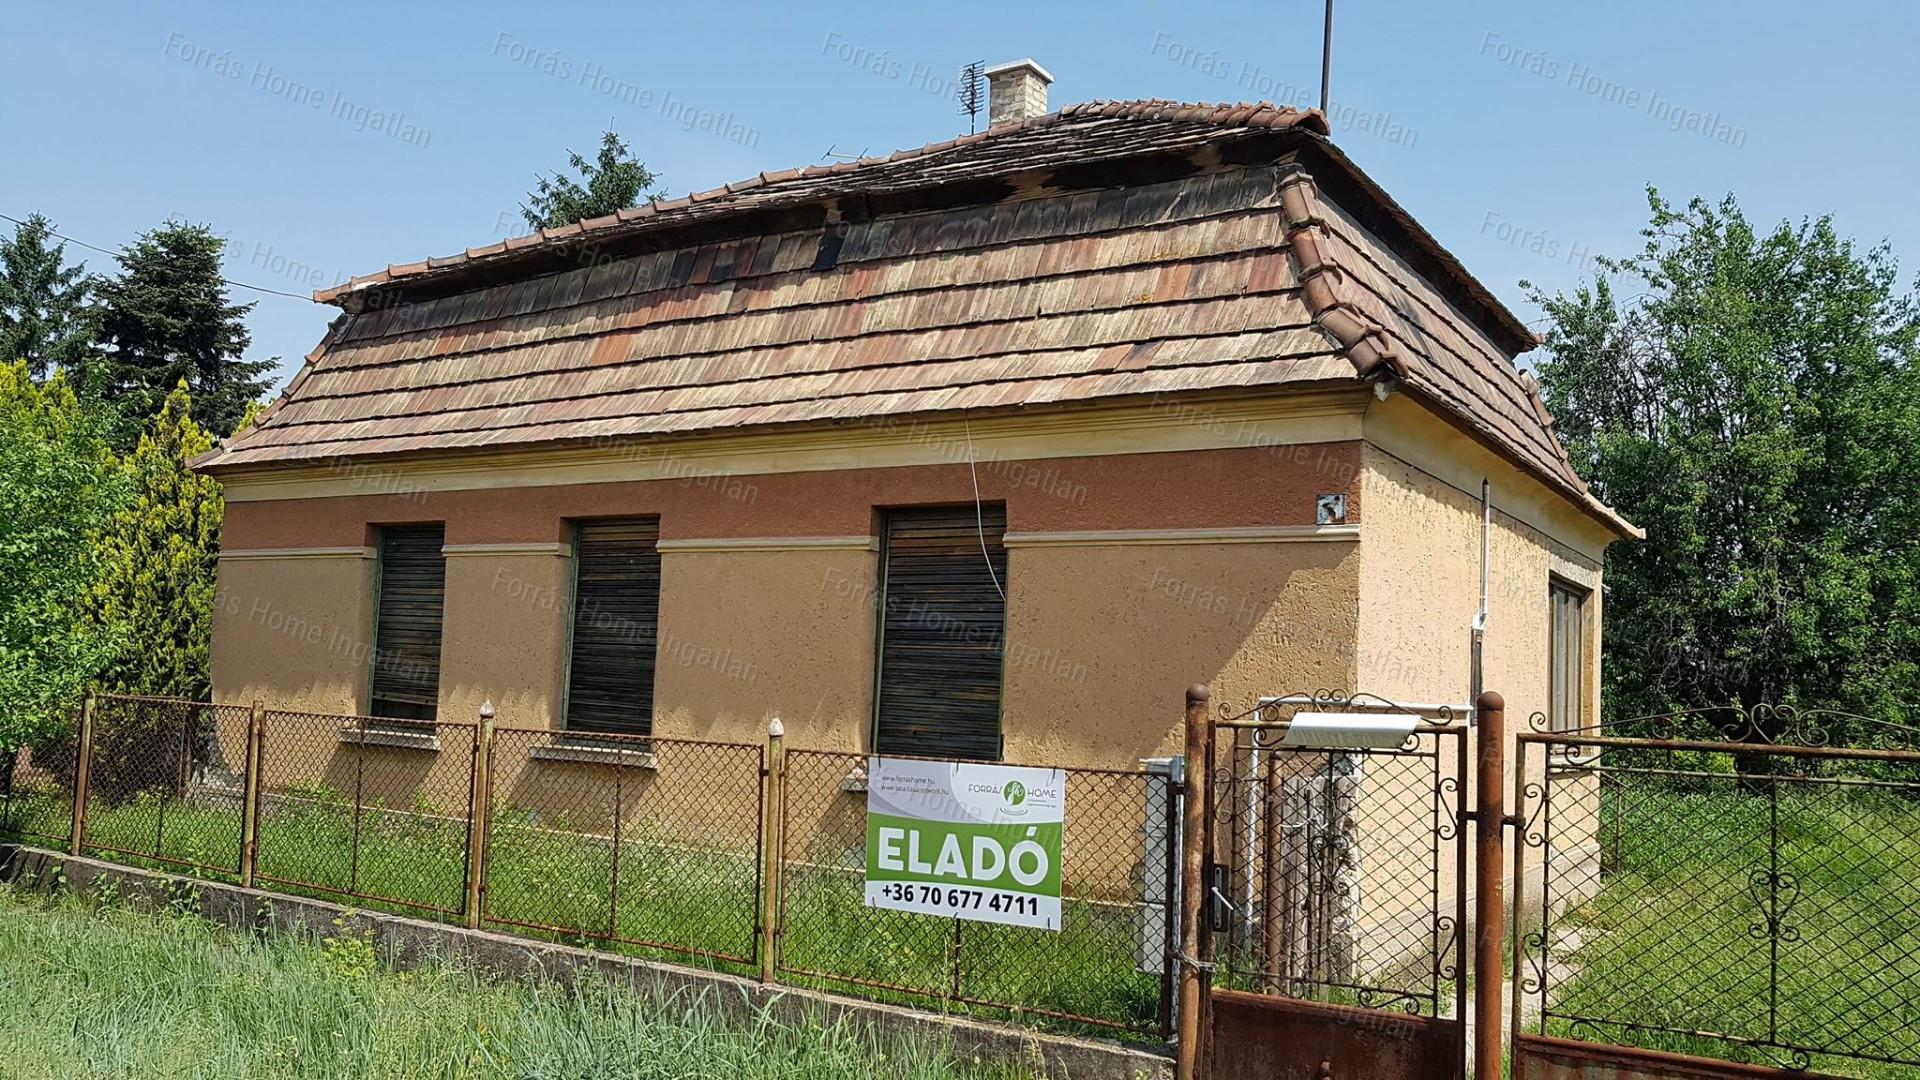 Eladó családi ház, Komárom-Esztergom megye, Naszály - sz.: 173900028 - CasaNetWork.hu